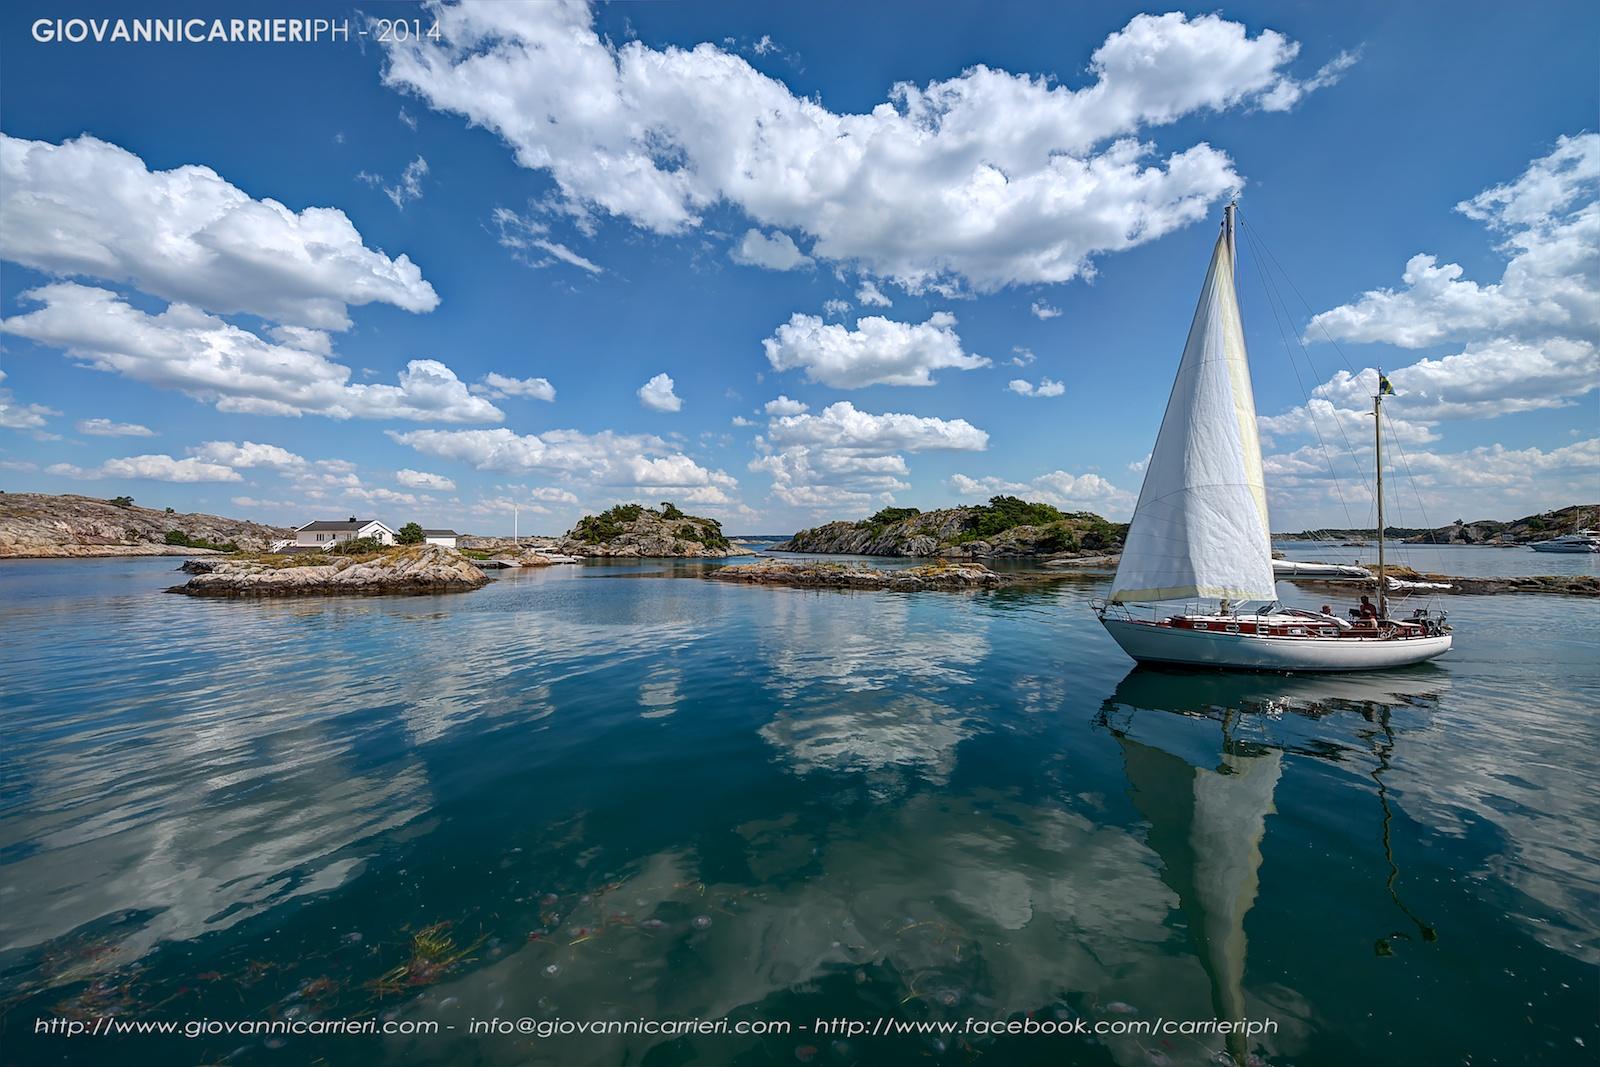 Styrso island. Gothenburg Archipelago